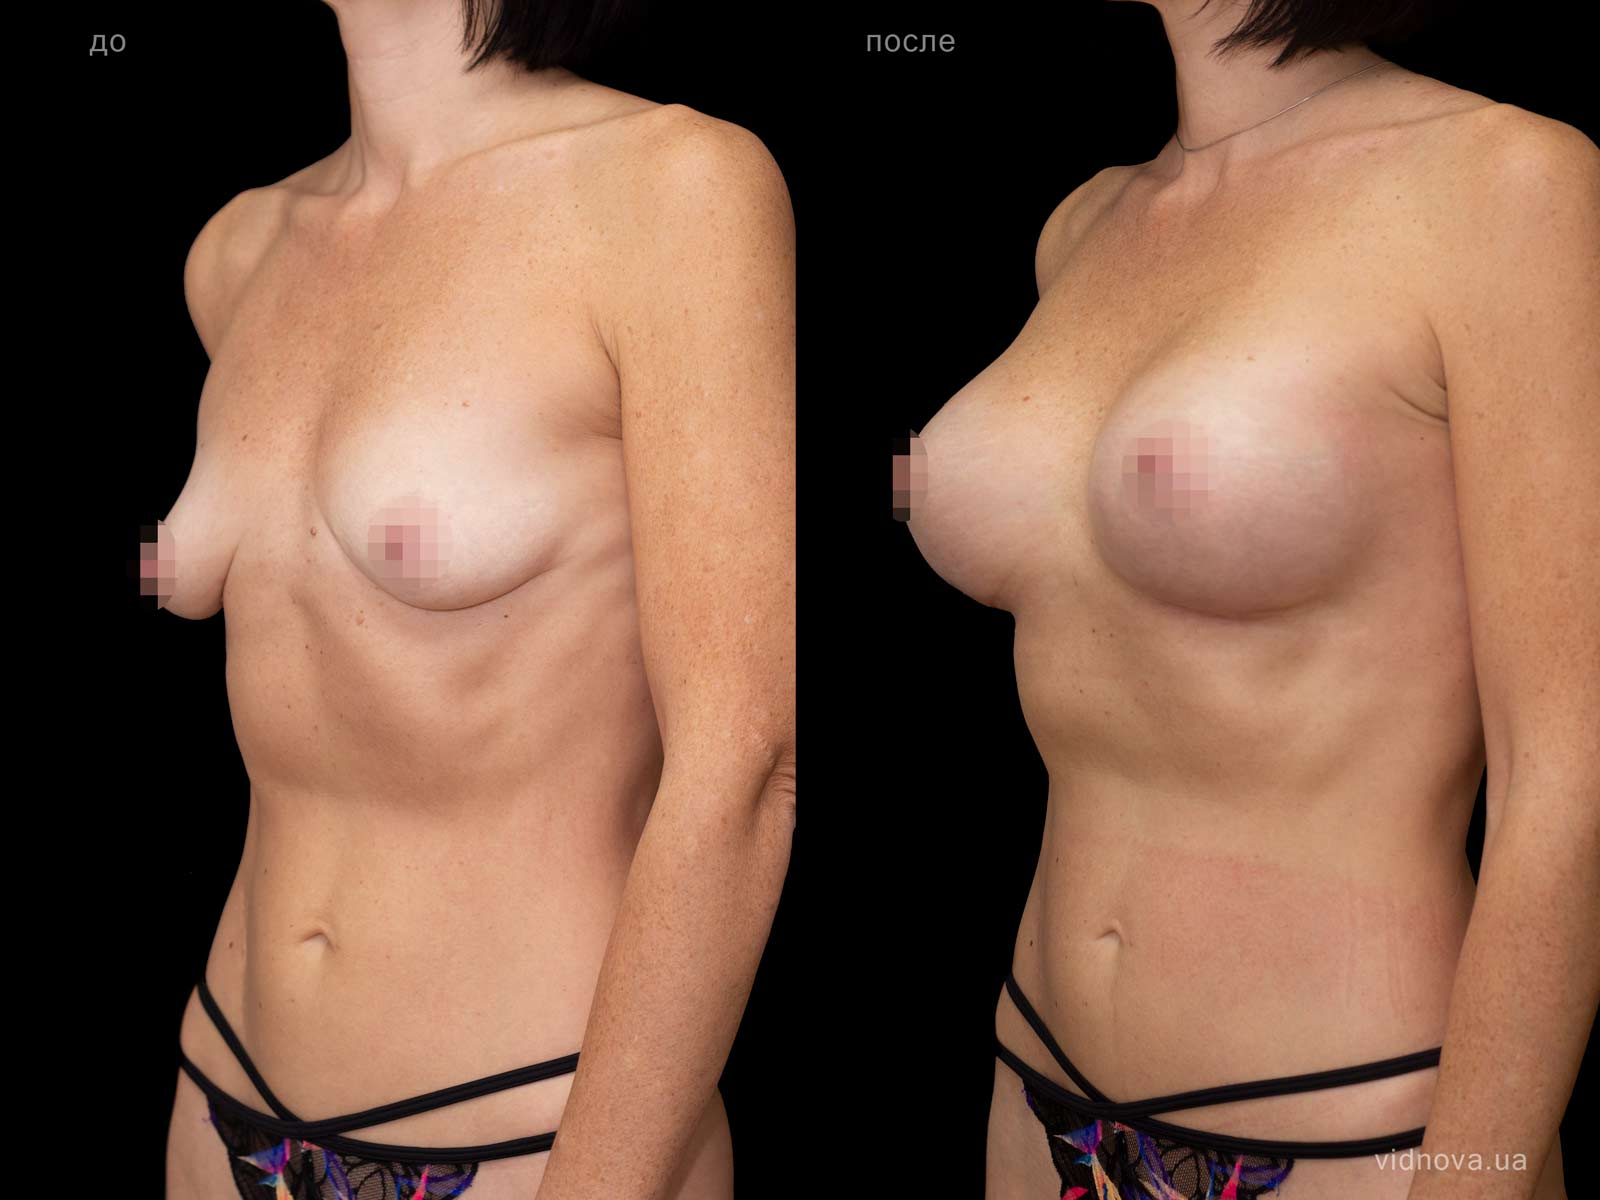 Пластика груди: результаты до и после - Пример №67-1 - Светлана Работенко